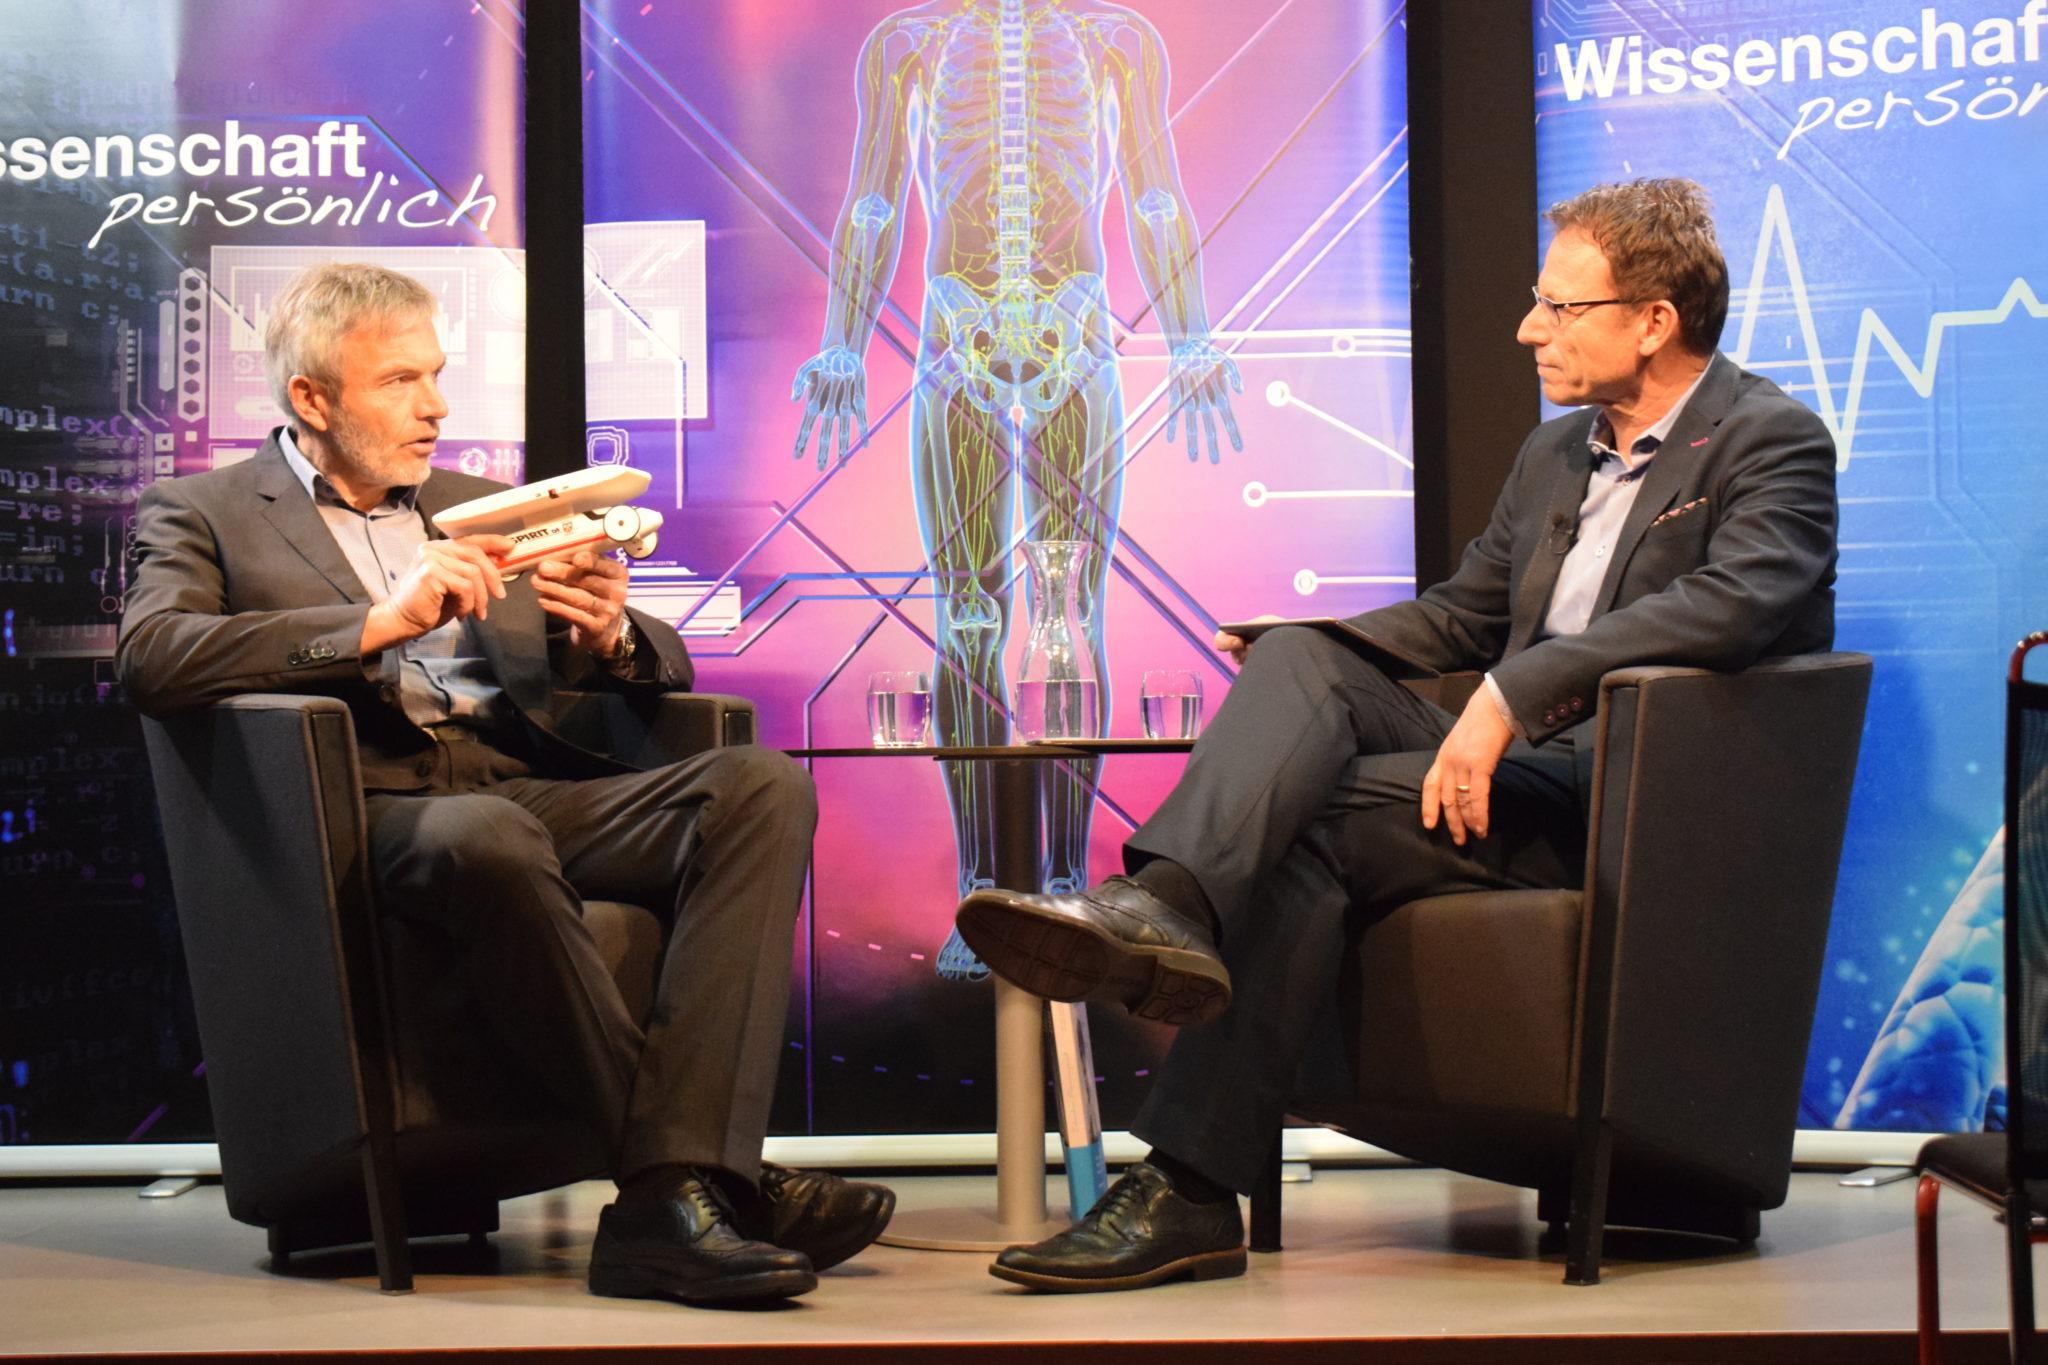 Bernhard Gerster (links) auf der Bühne von «Wissenschaft persönlich»: Am Modell des Pionier-Solarmobils «Spirit of Biel» erklärt er, wie dessen Sonnenpanels funktionieren.